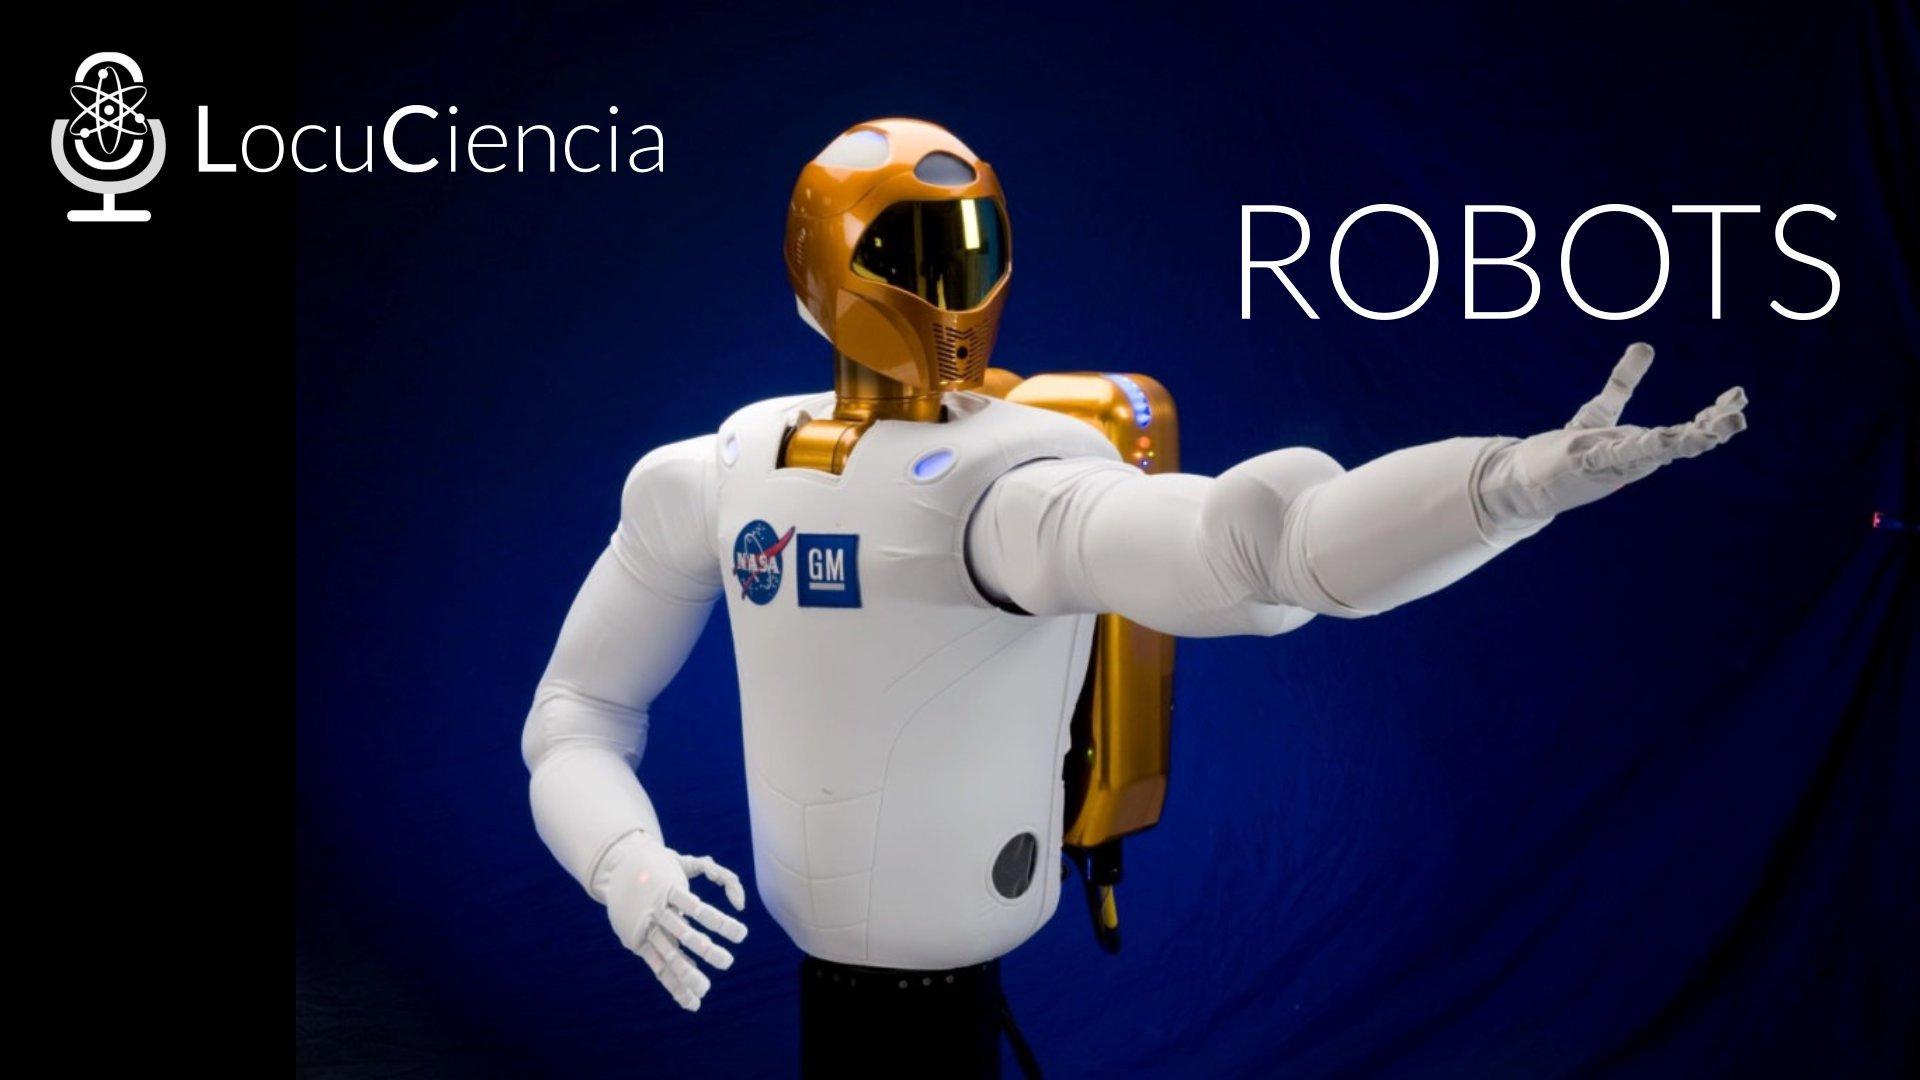 Robots ¿Cuál es su futuro? Un programa de Locuciencia en el que participamos 4